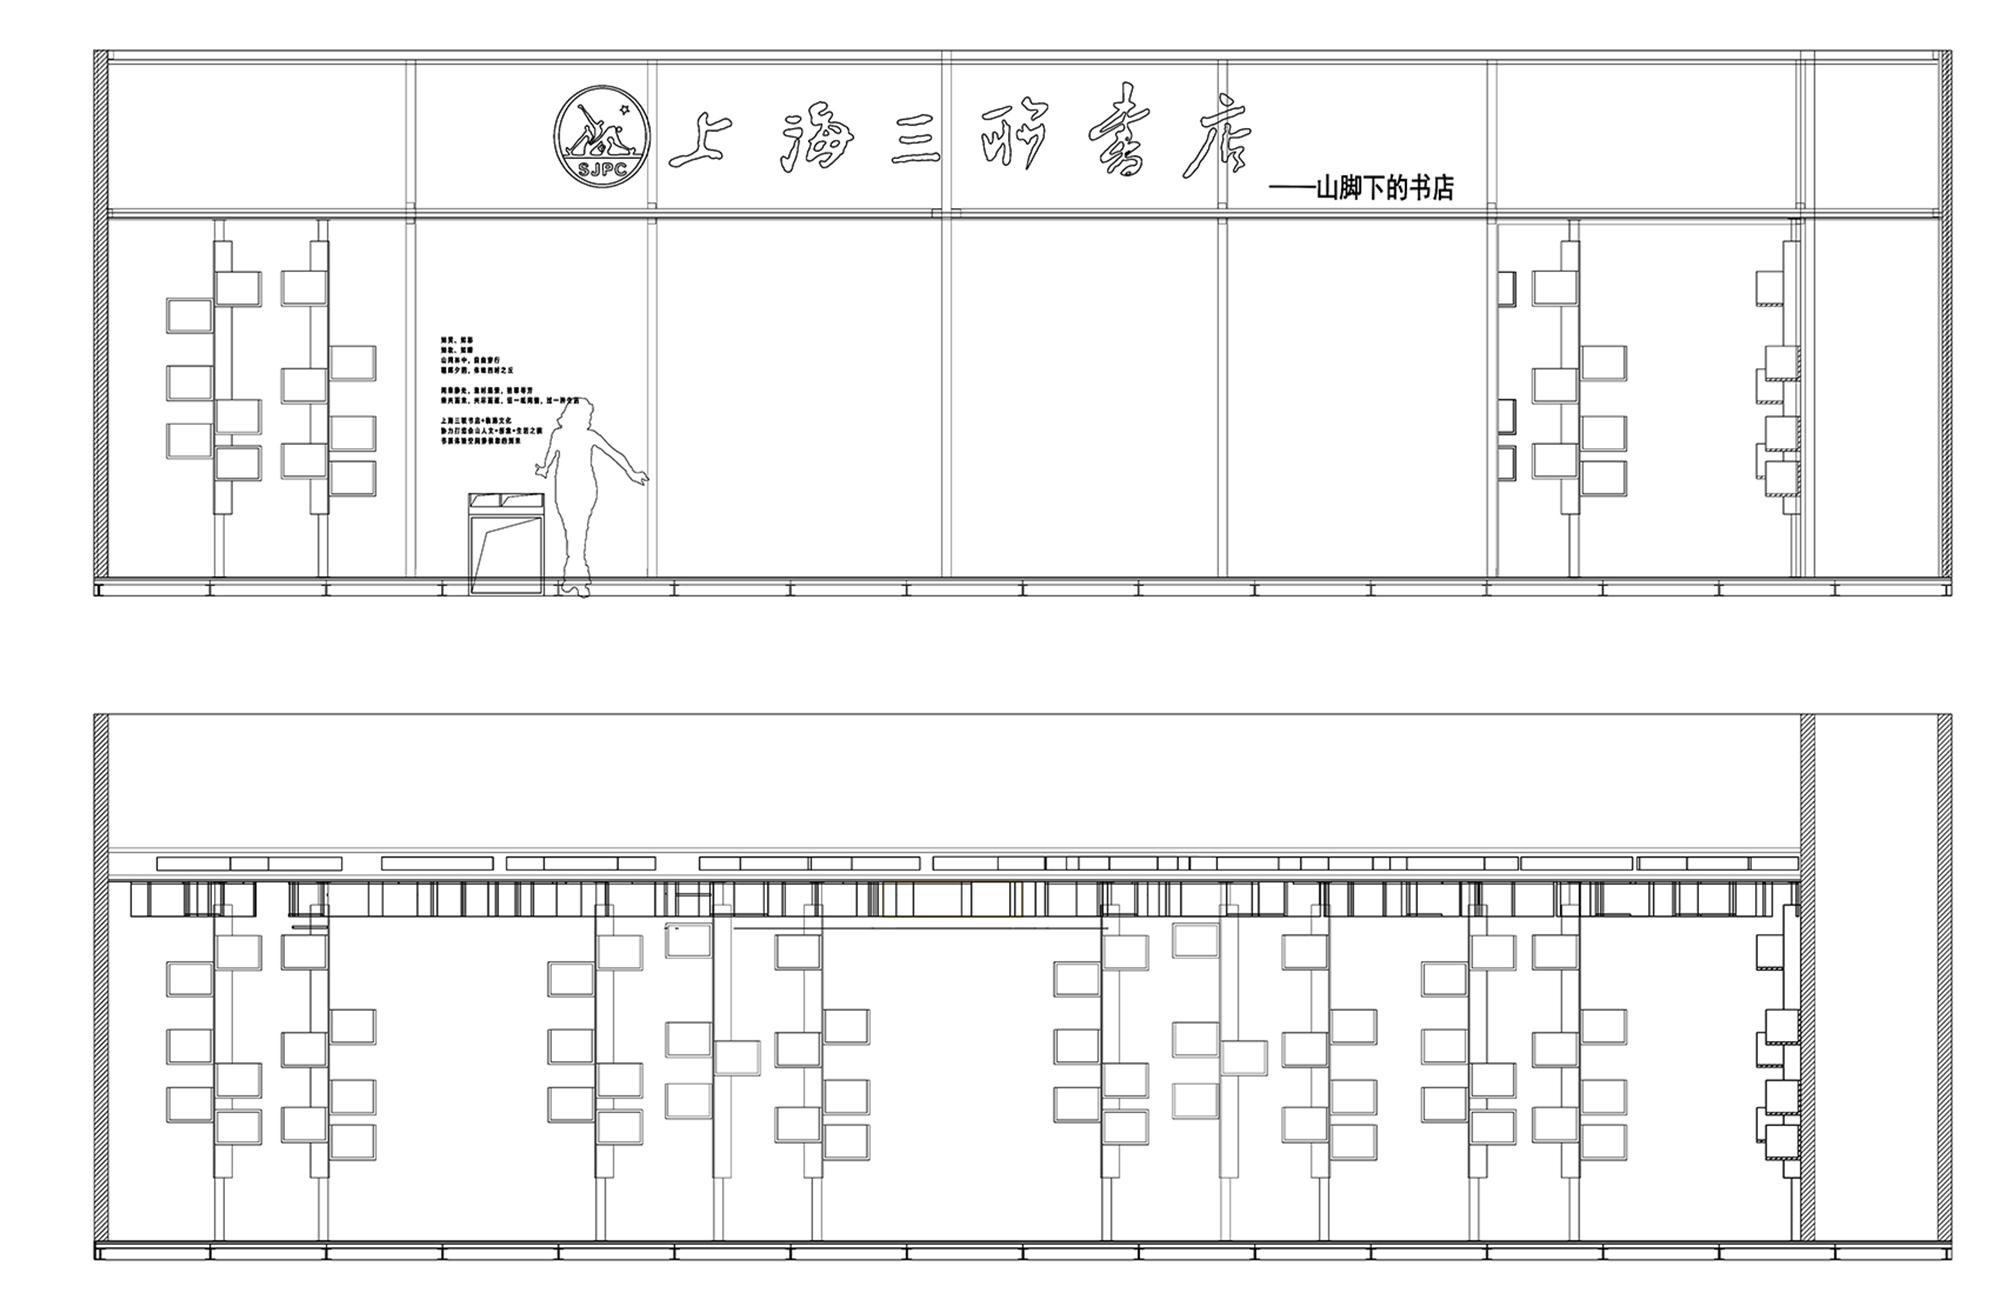 三联书展 P01-09平面图纸 (1)